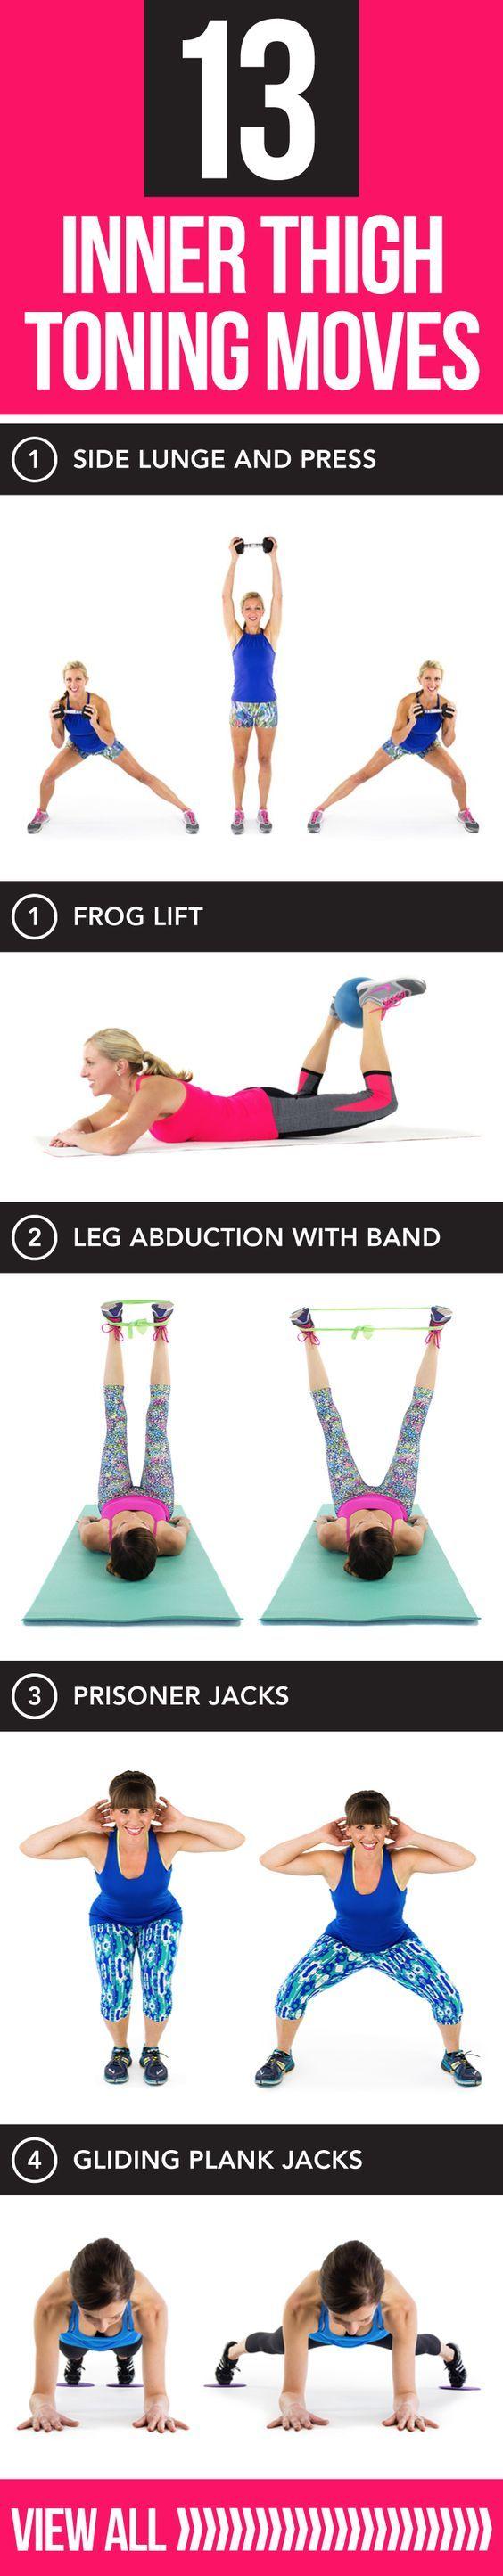 Tone and tighten those legs ladies!